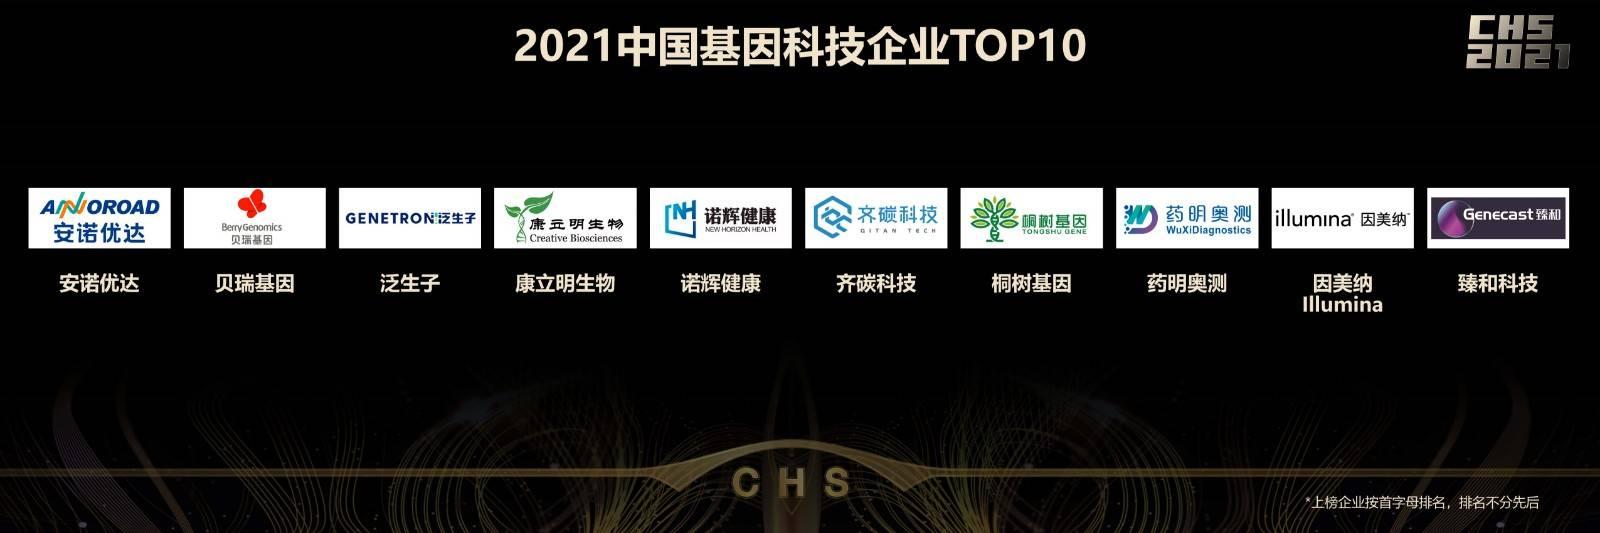 2021中国基因科技企业TOP10